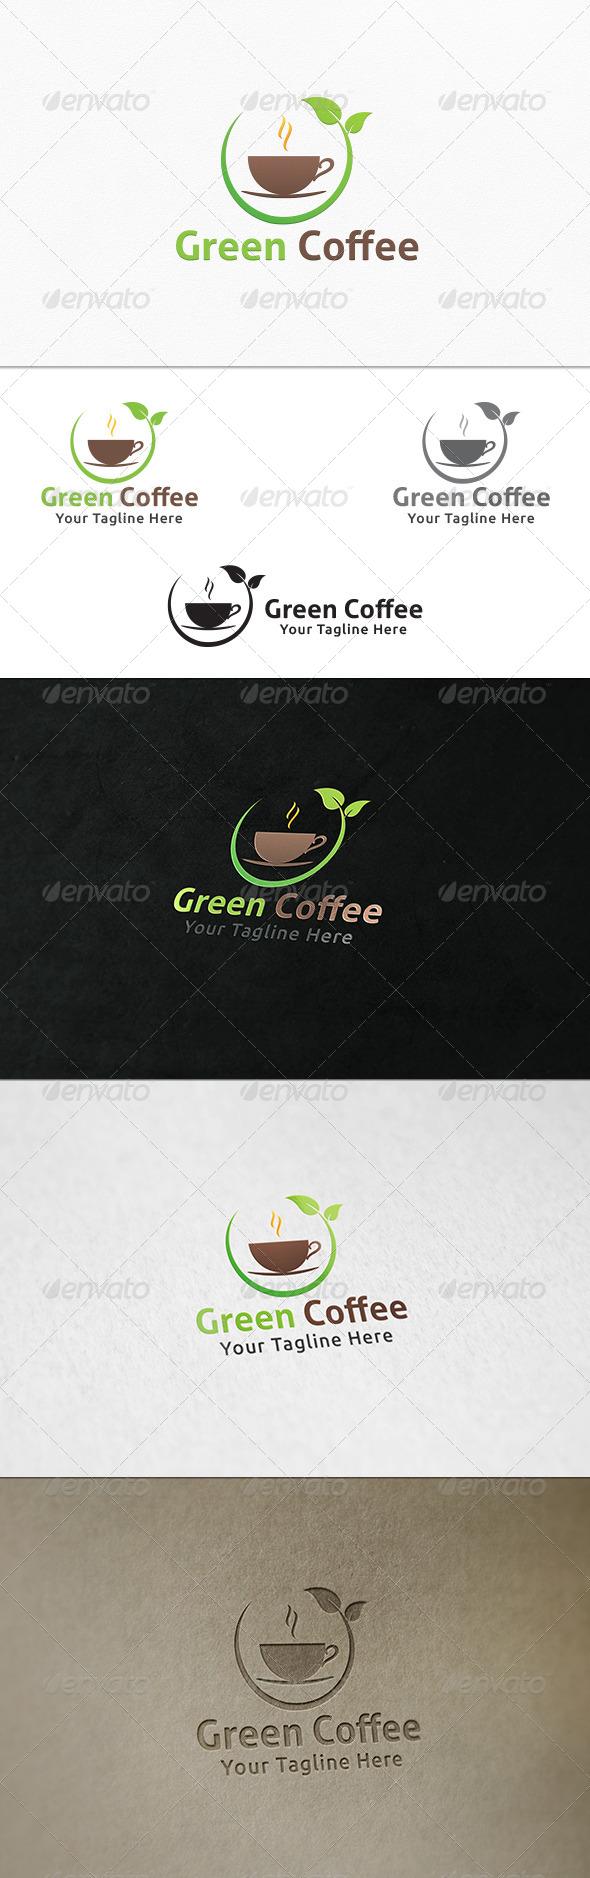 Green Coffee Logo Template